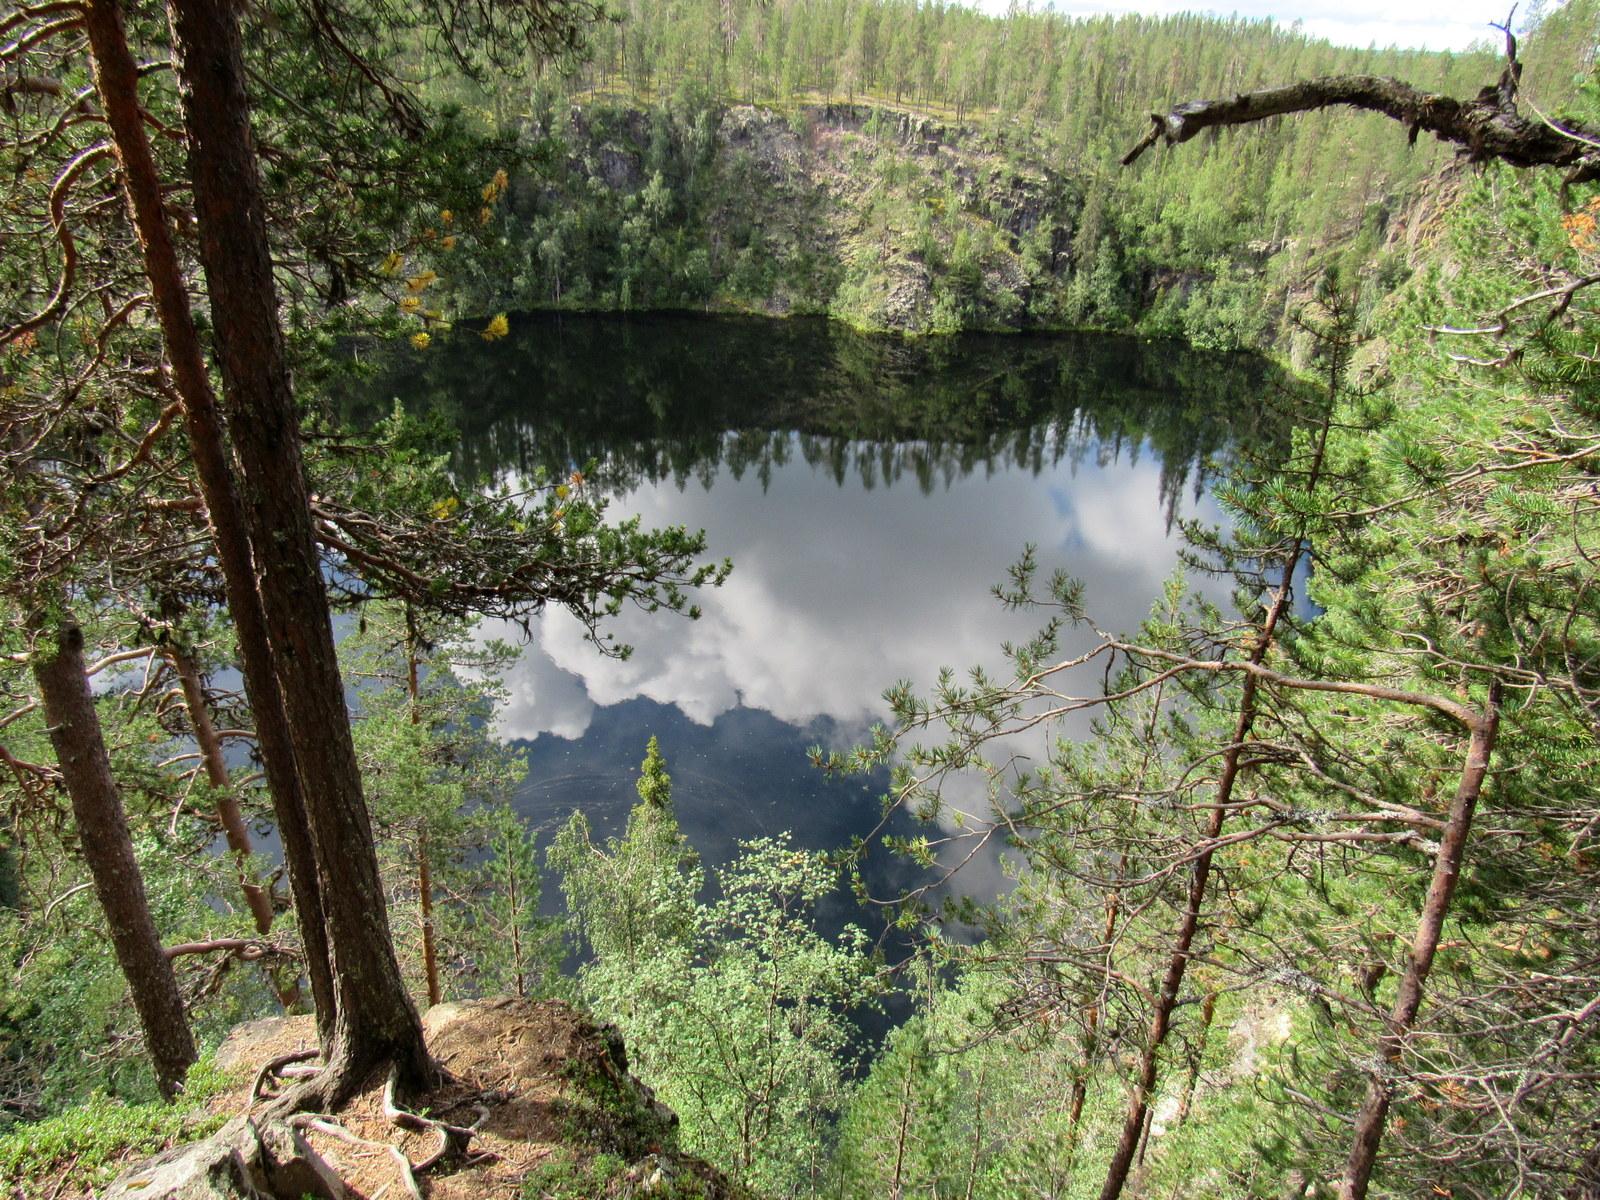 Pilvet heijastuvat Pakasaivon pintaan. Jyrkkäreunainen järvi on jopa 60 metriä syvä.